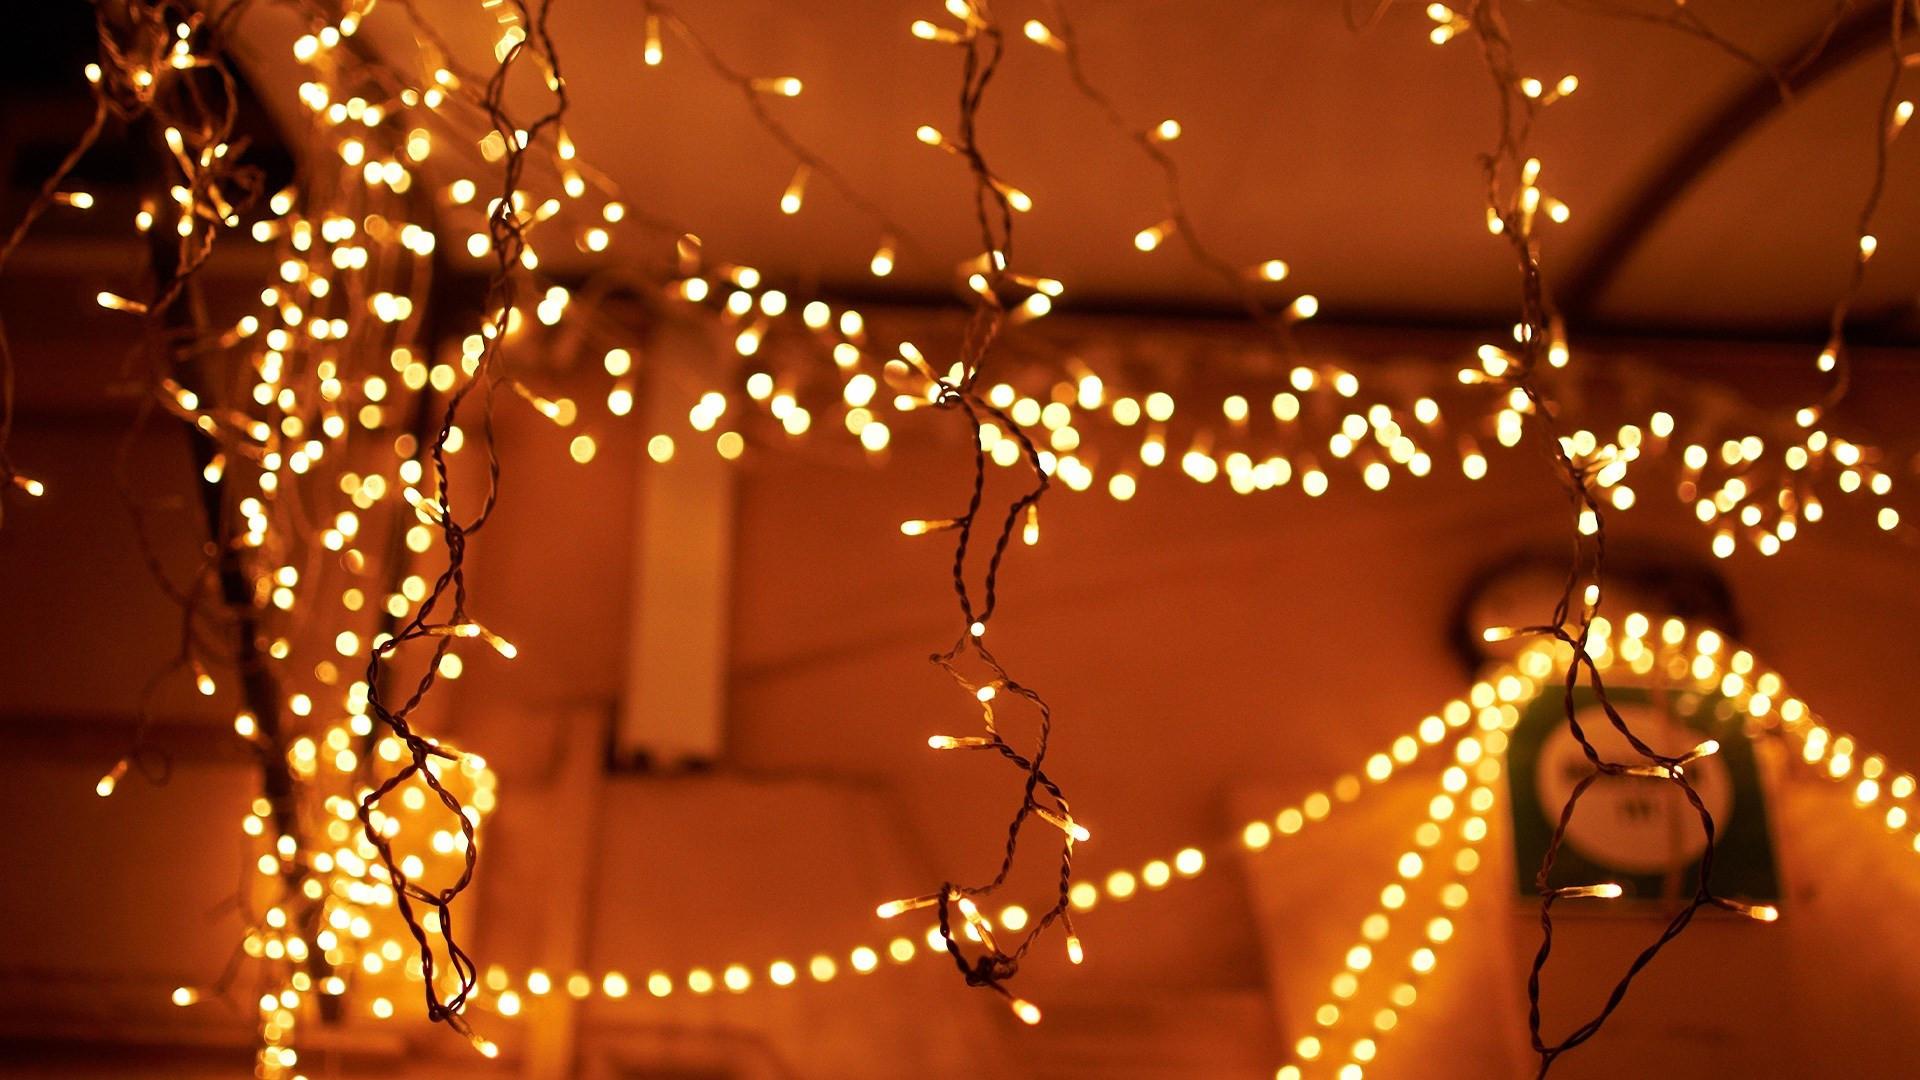 Christmas Lighting Videos  Christmas Lights Wallpaper HD